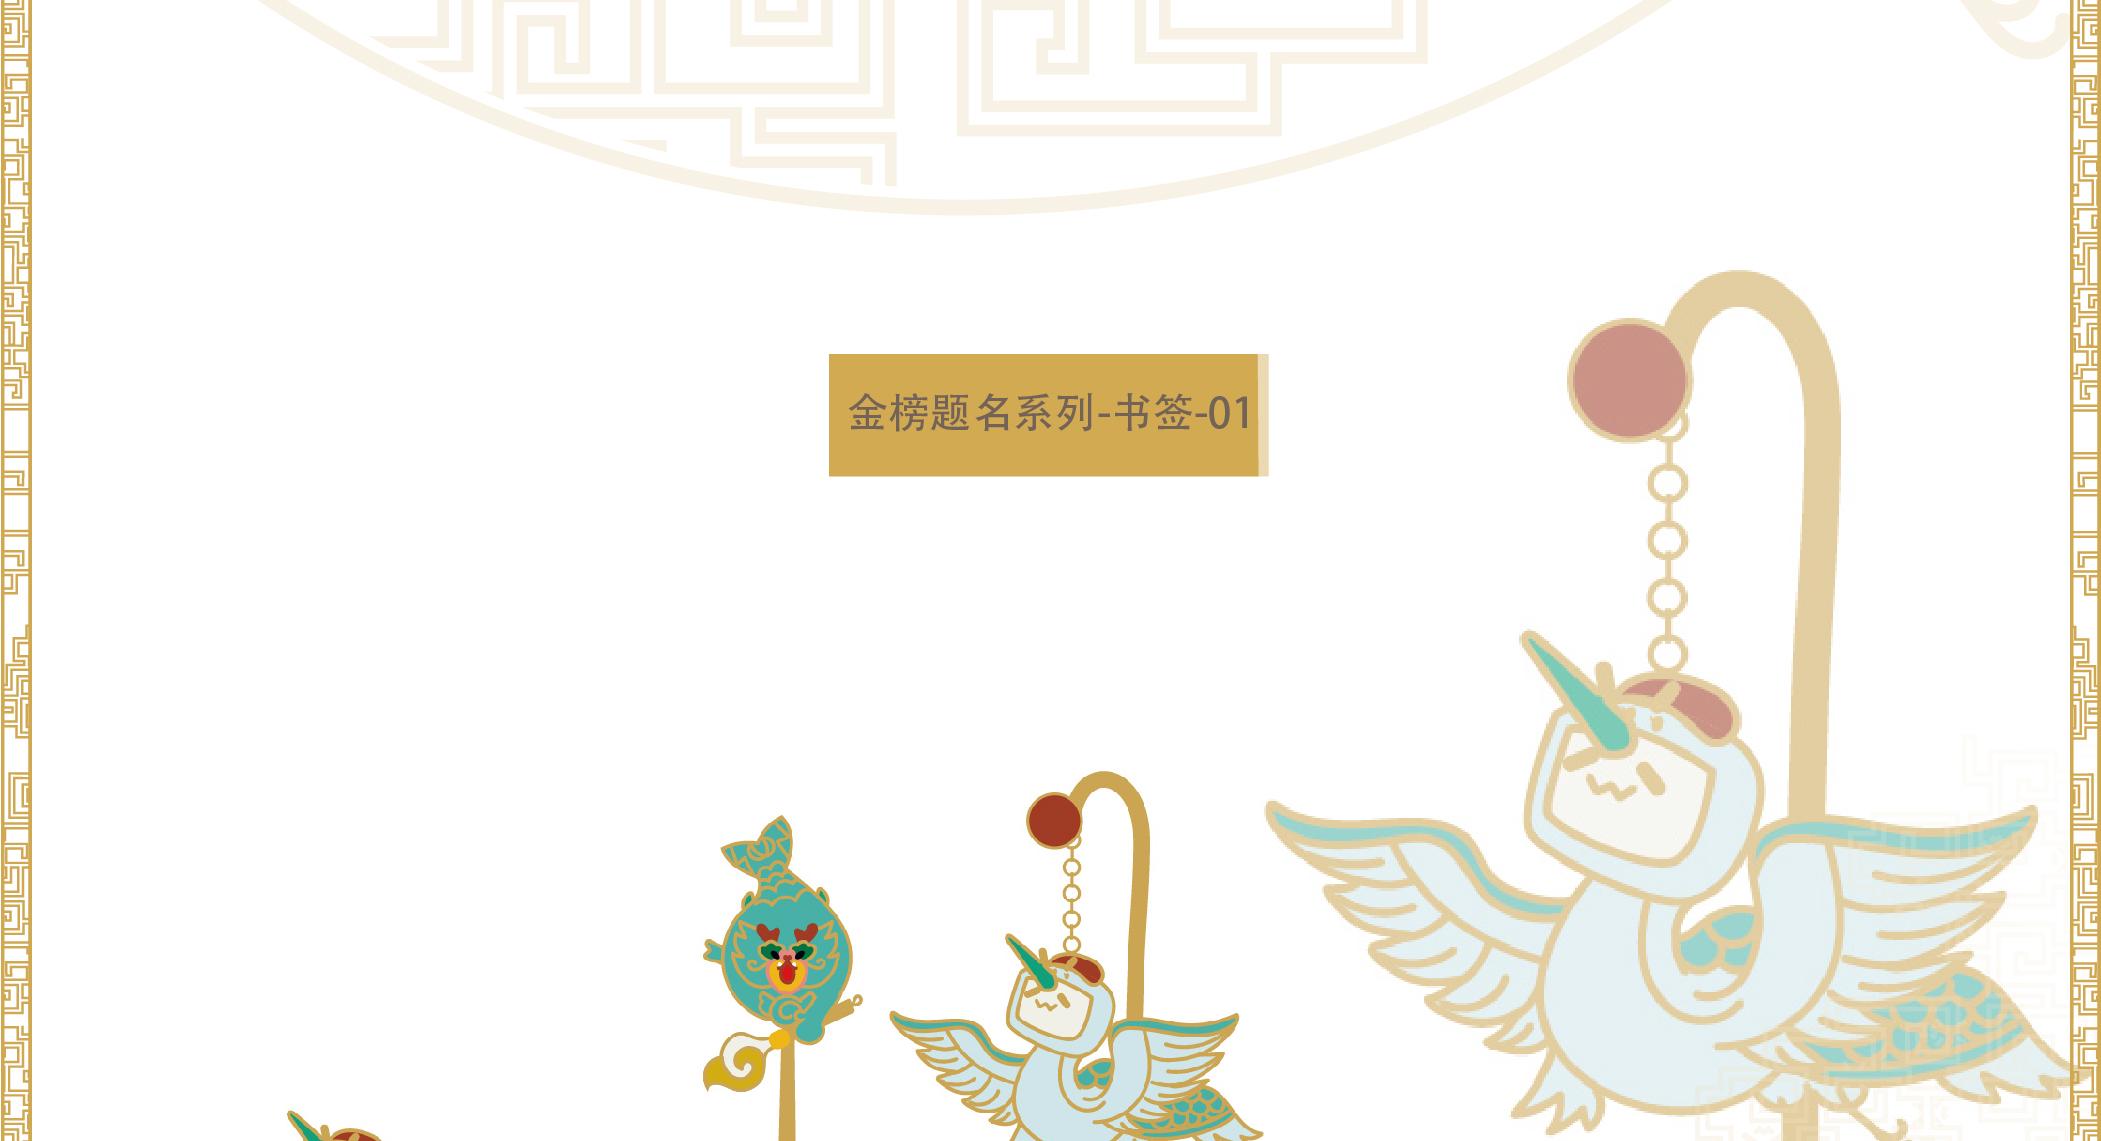 长图详情-24.jpg